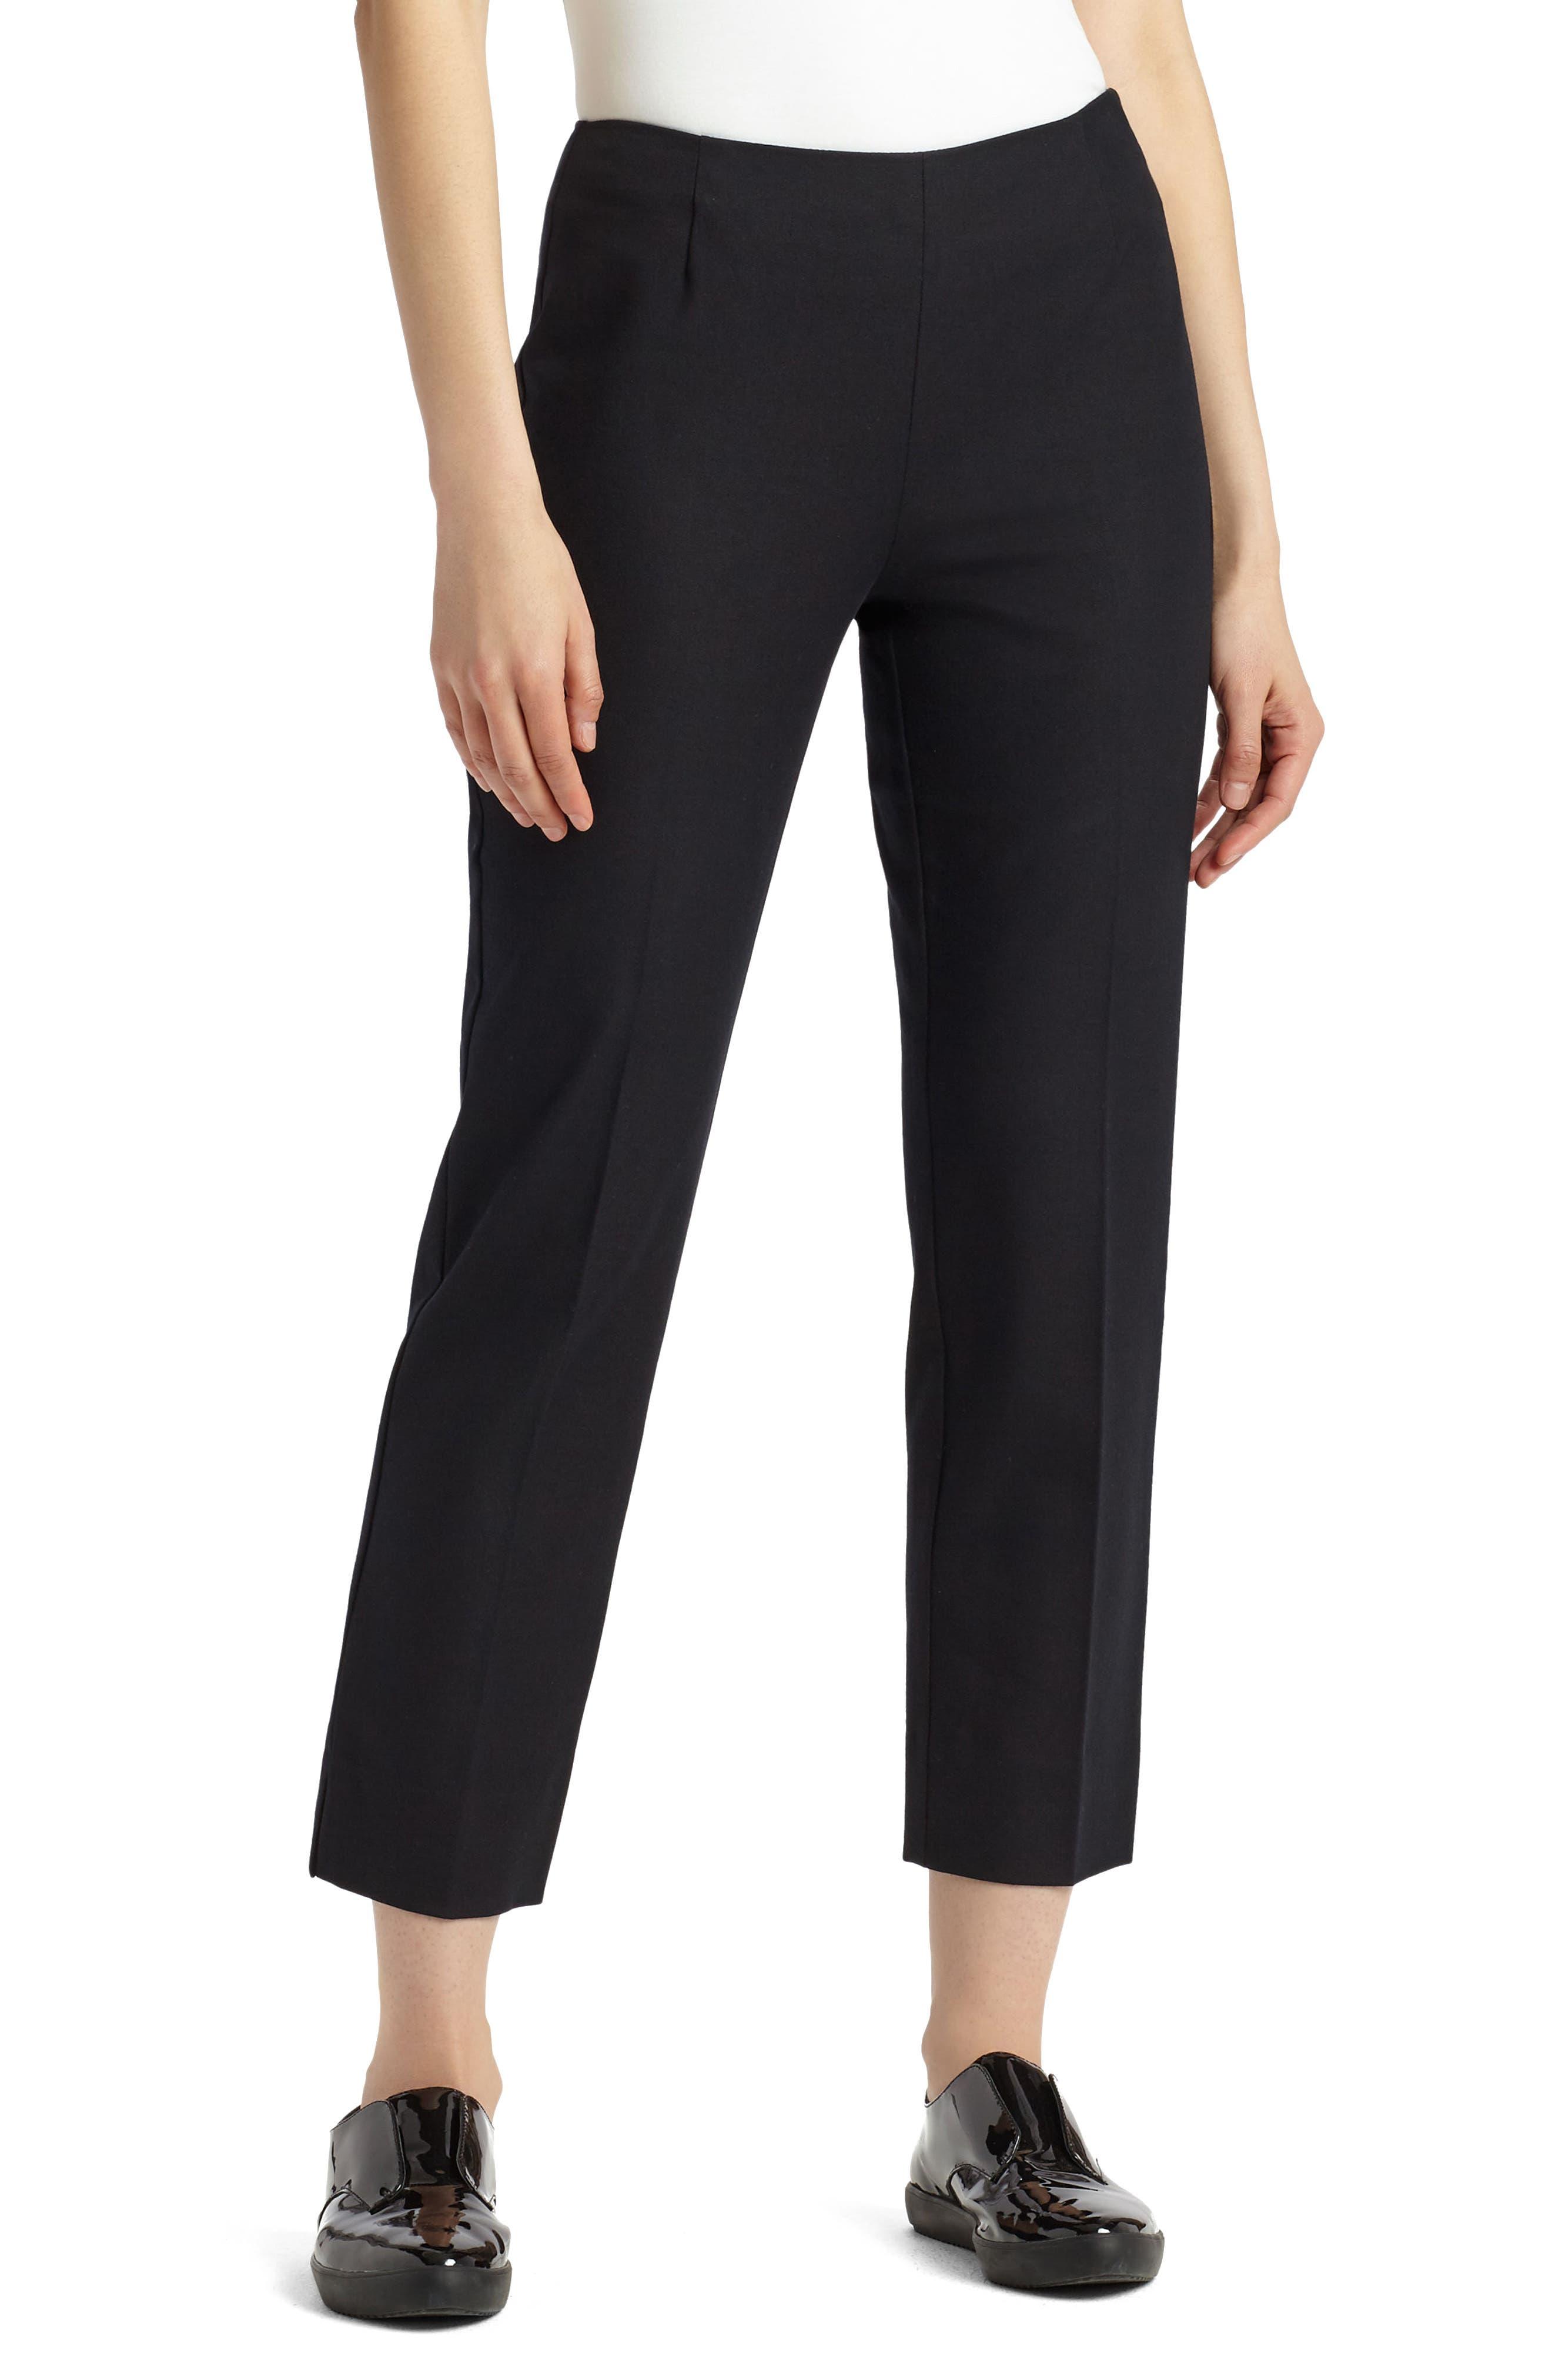 LAFAYETTE 148 NEW YORK, Lexington Stretch Cotton Crop Pants, Main thumbnail 1, color, BLACK